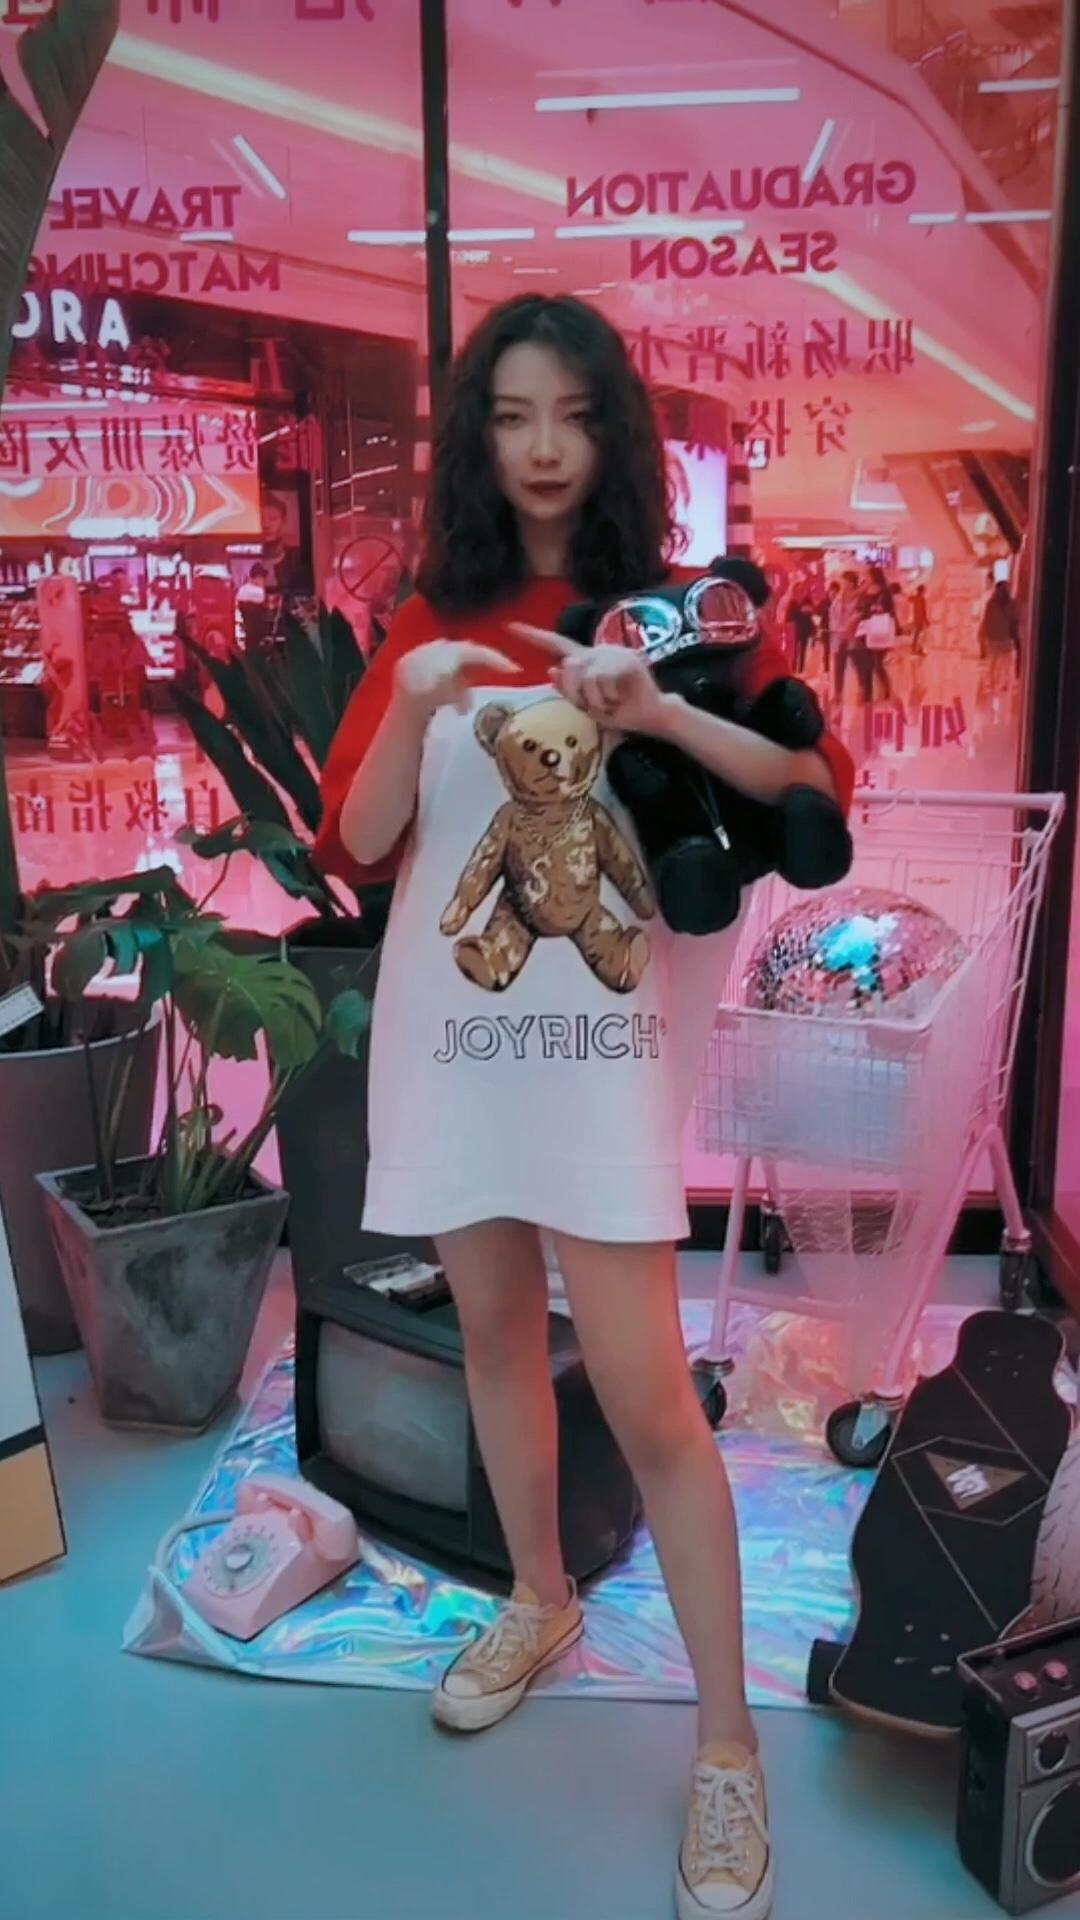 #MOGU STUDIO x 杭州大悦城 线下搭配店# 红色小熊长T恤 夏天最简单的搭配 应该就是长T当裙子穿的下半身隐身穿法 里面穿件热裤 尽情的露出大长腿吧